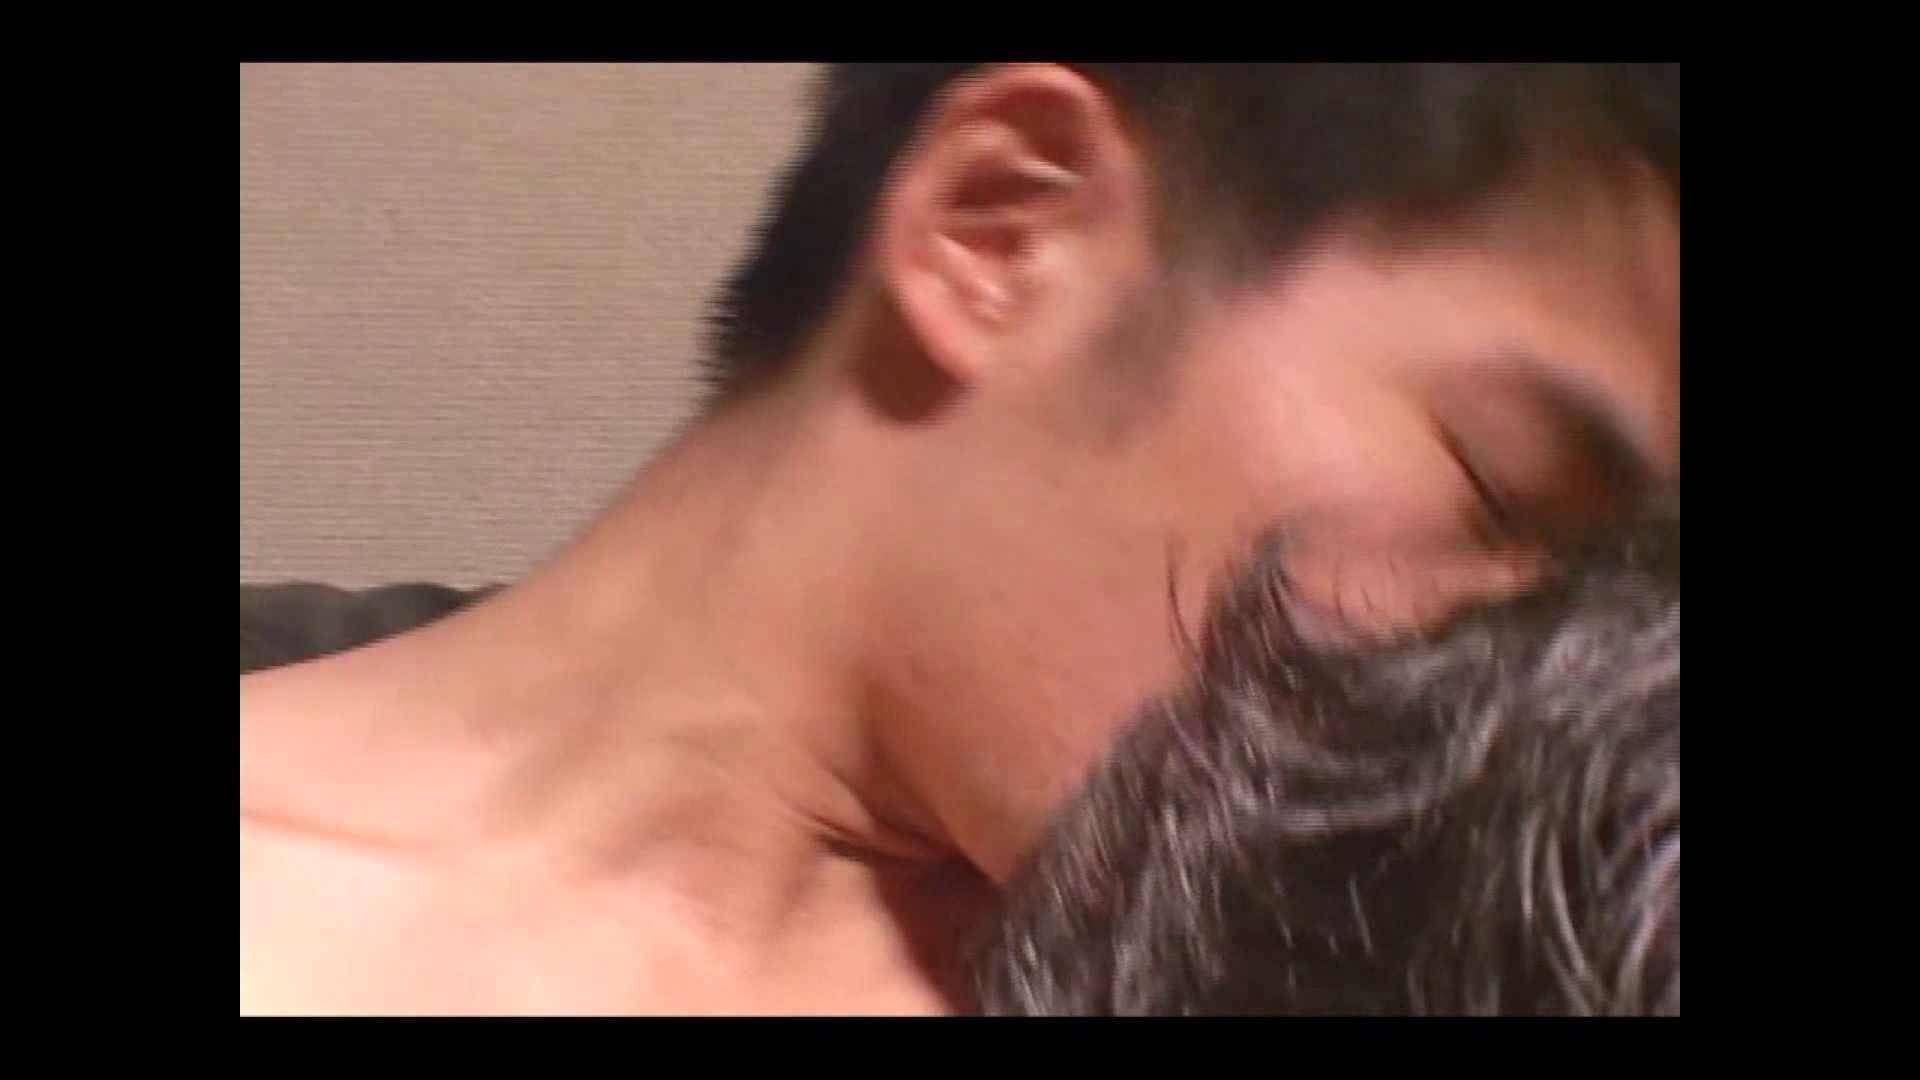 ノンケイケメンの欲望と肉棒 Vol.12 イケメン合体 ちんぽ画像 47連発 46